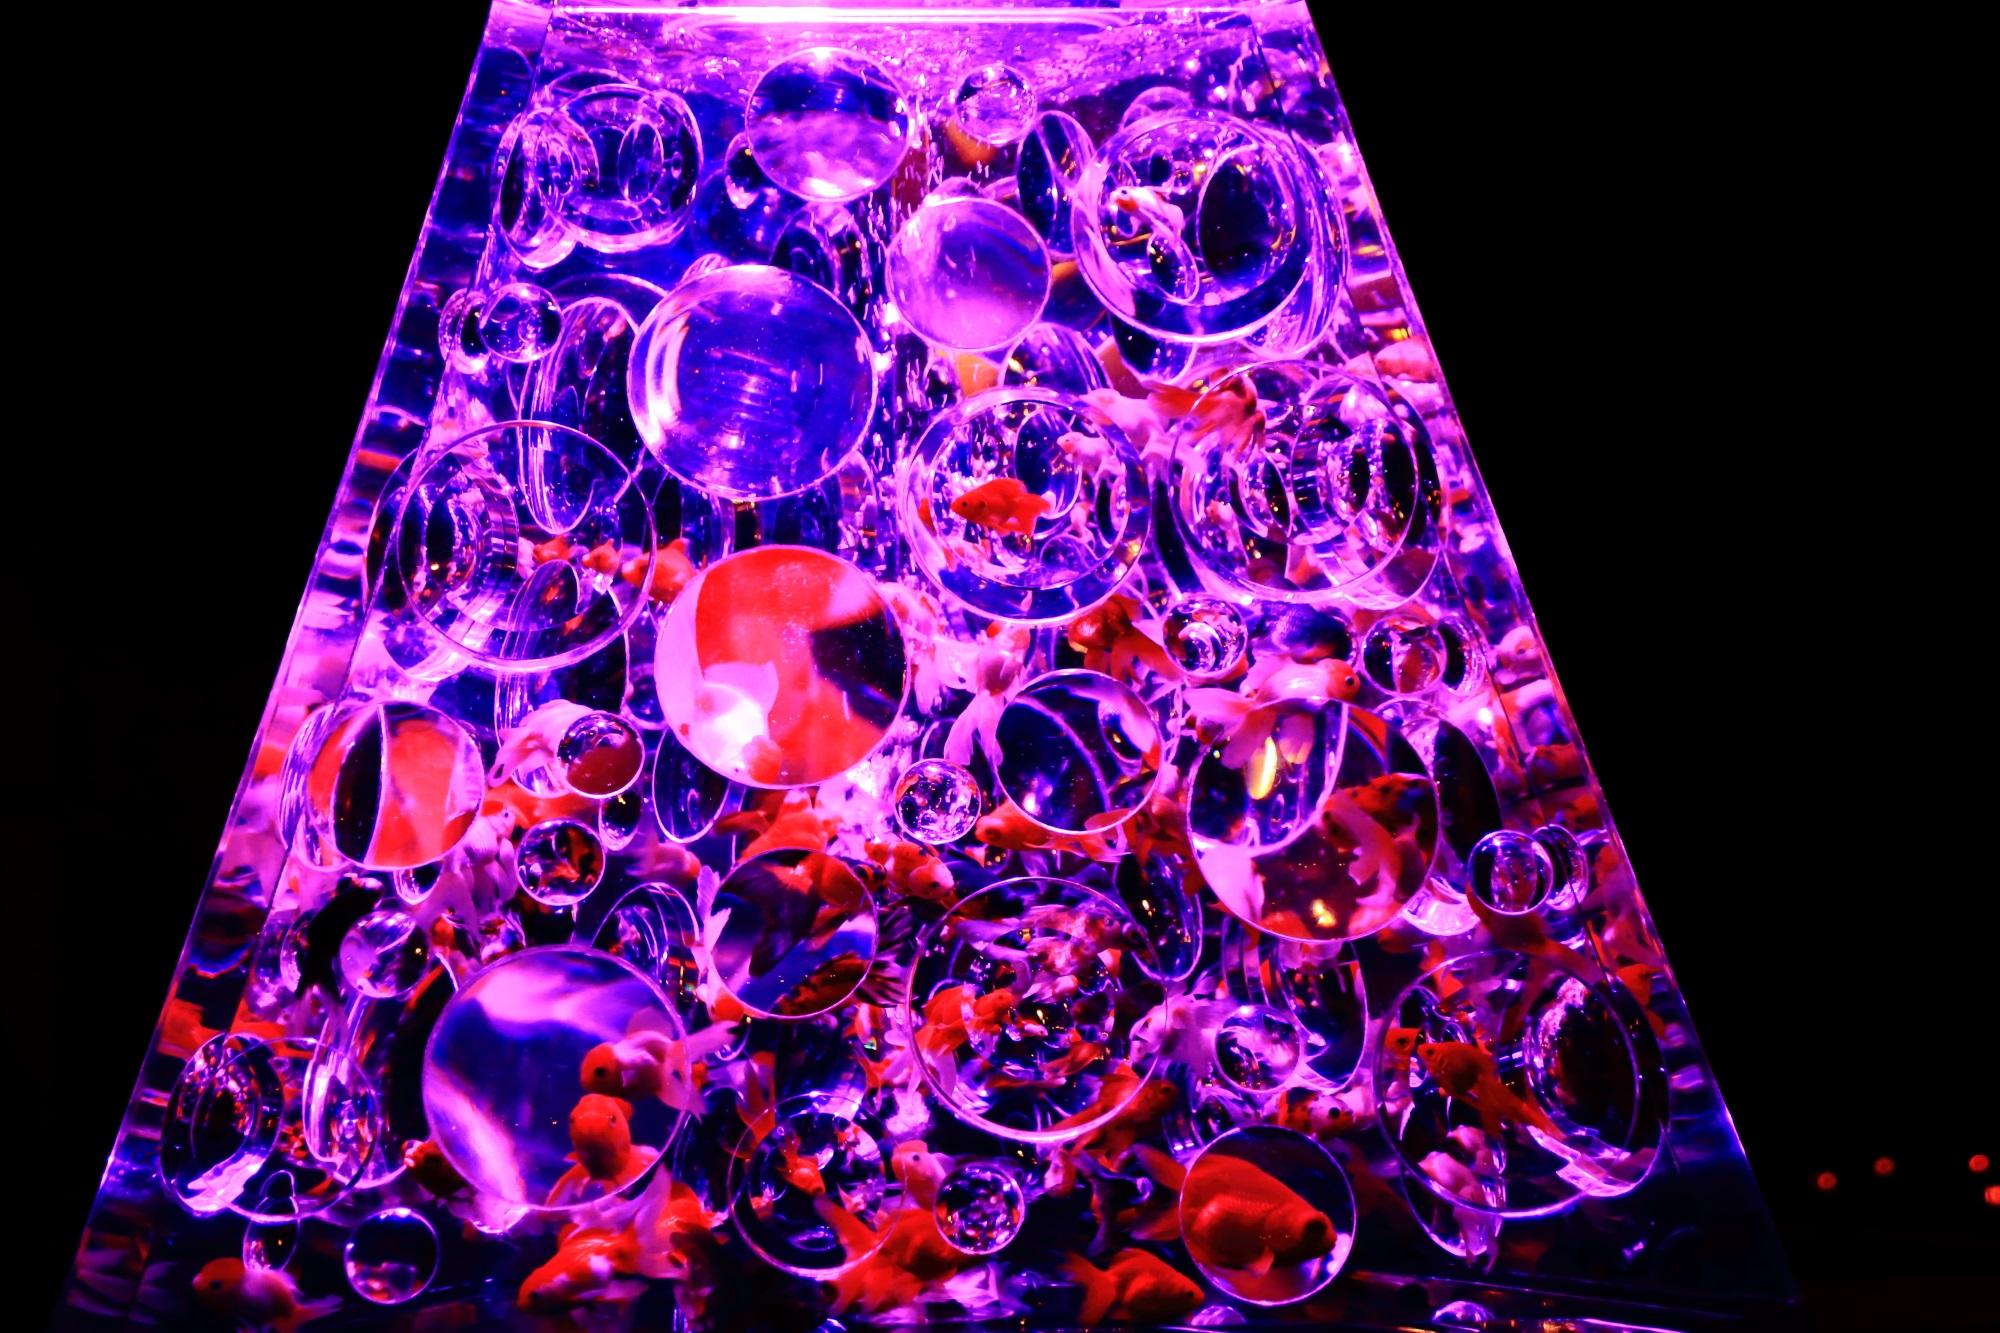 アートアクアリウム城 金魚の舞 リフレクトリウム 二条城